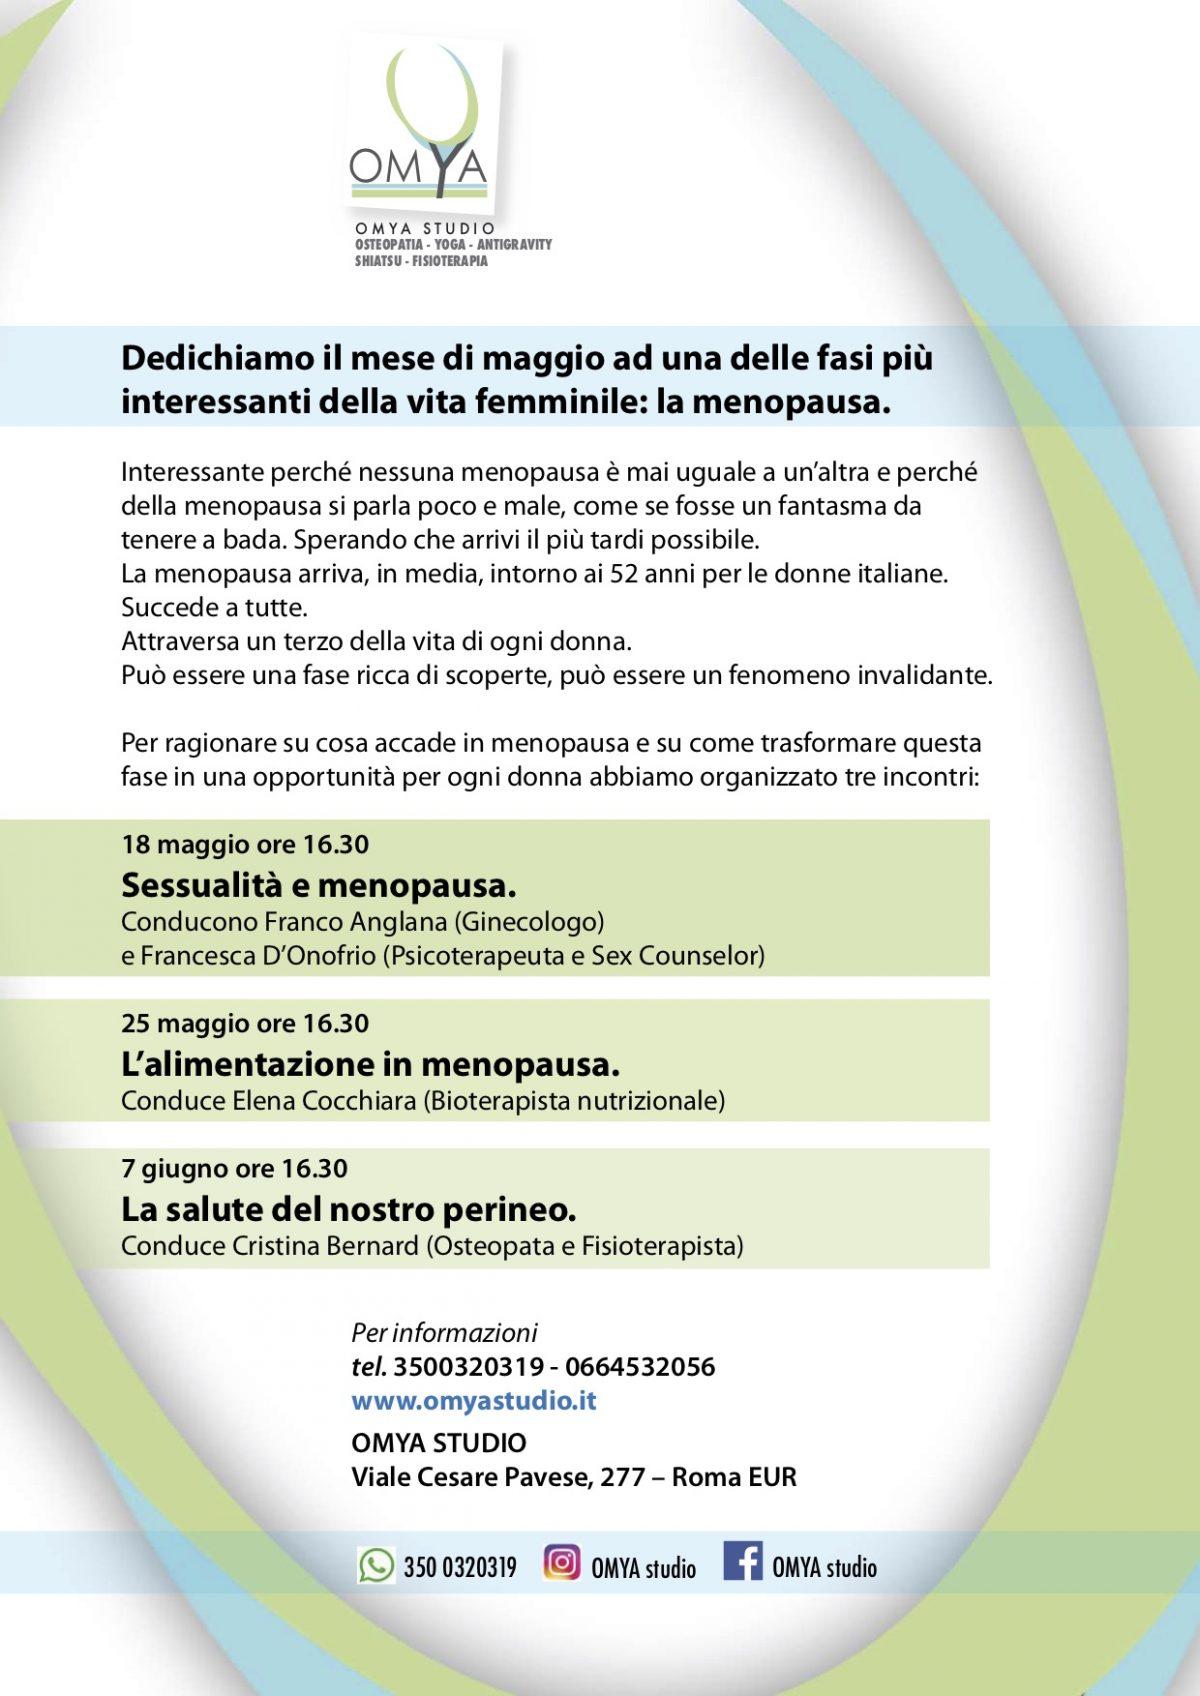 Calendario Menopausa.Mese Di Maggio Dedicato Alla Menopausa Omya Studio